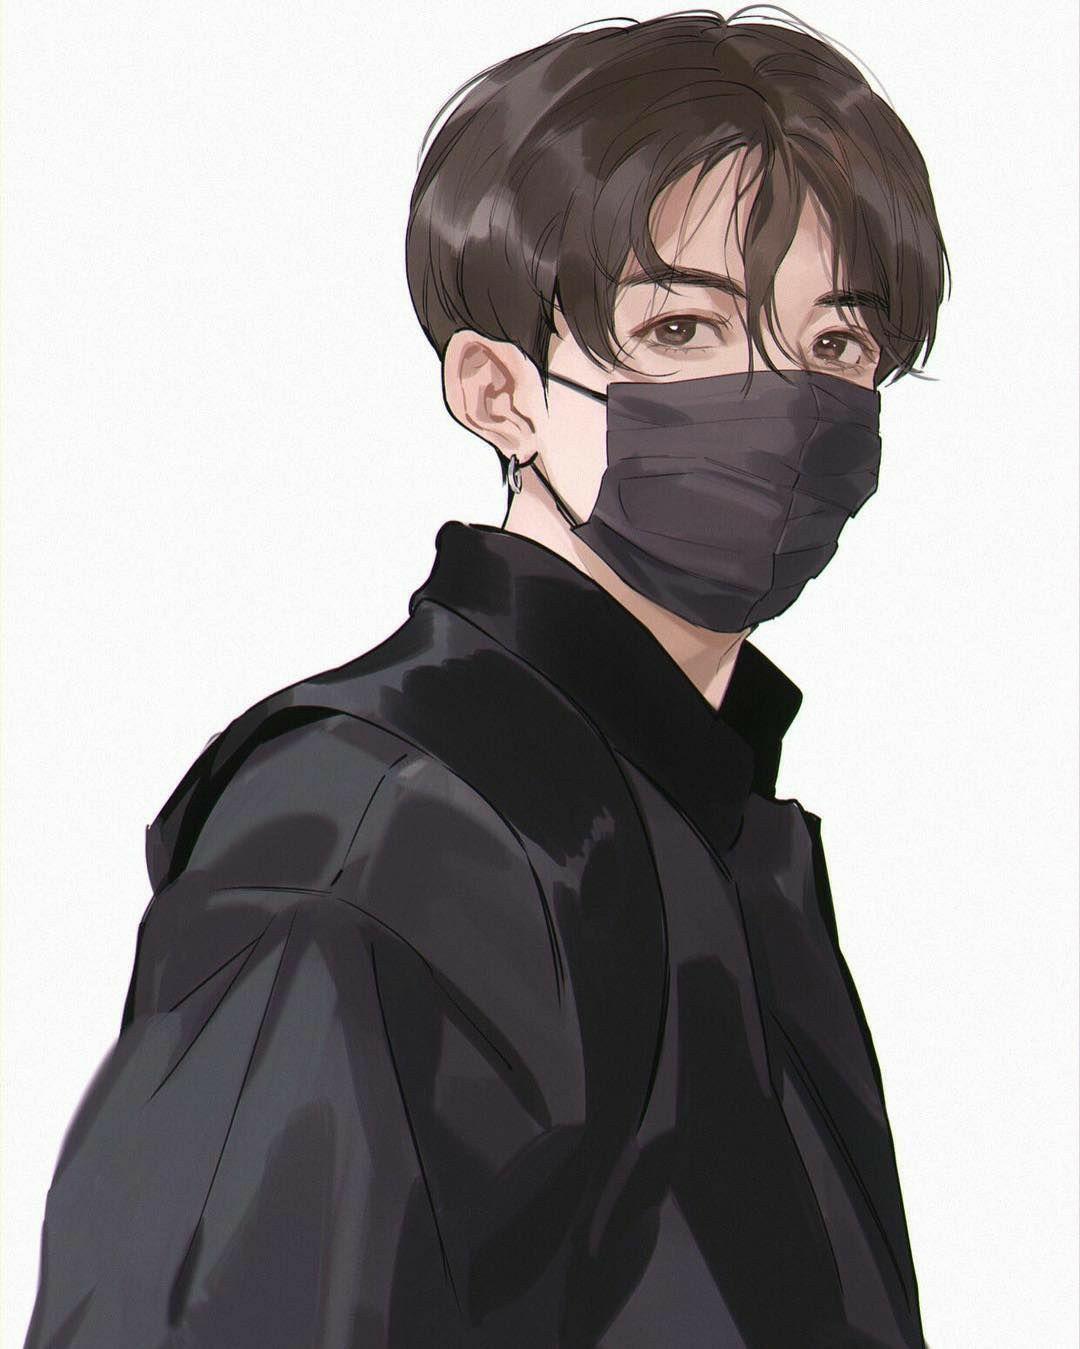 Pin By 𝑪𝒉𝒐𝒊 𝒌𝒐𝒌𝒌𝒊 On Art Bts Fanart Jungkook Fanart Fan Art